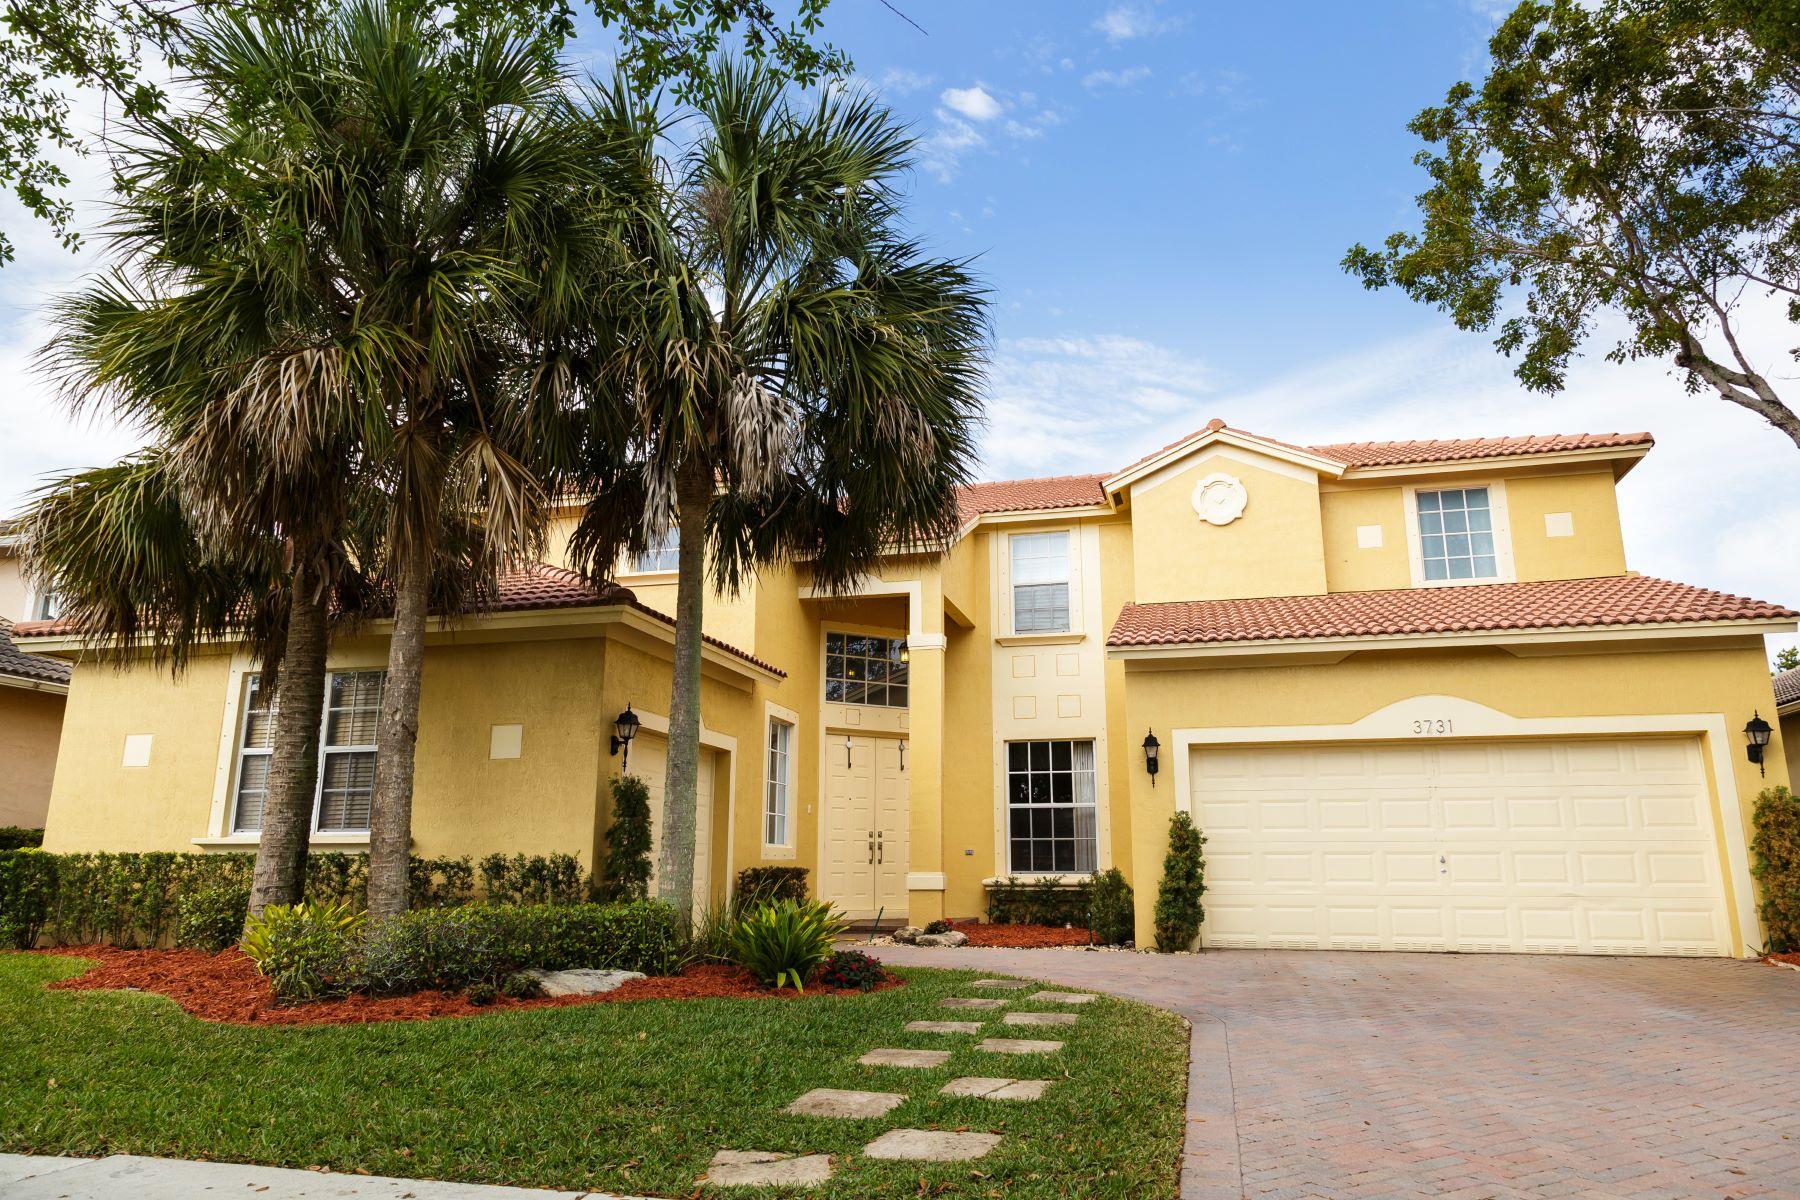 Tek Ailelik Ev için Satış at 3731 W Gardenia Ave Weston, Florida, 33332 Amerika Birleşik Devletleri